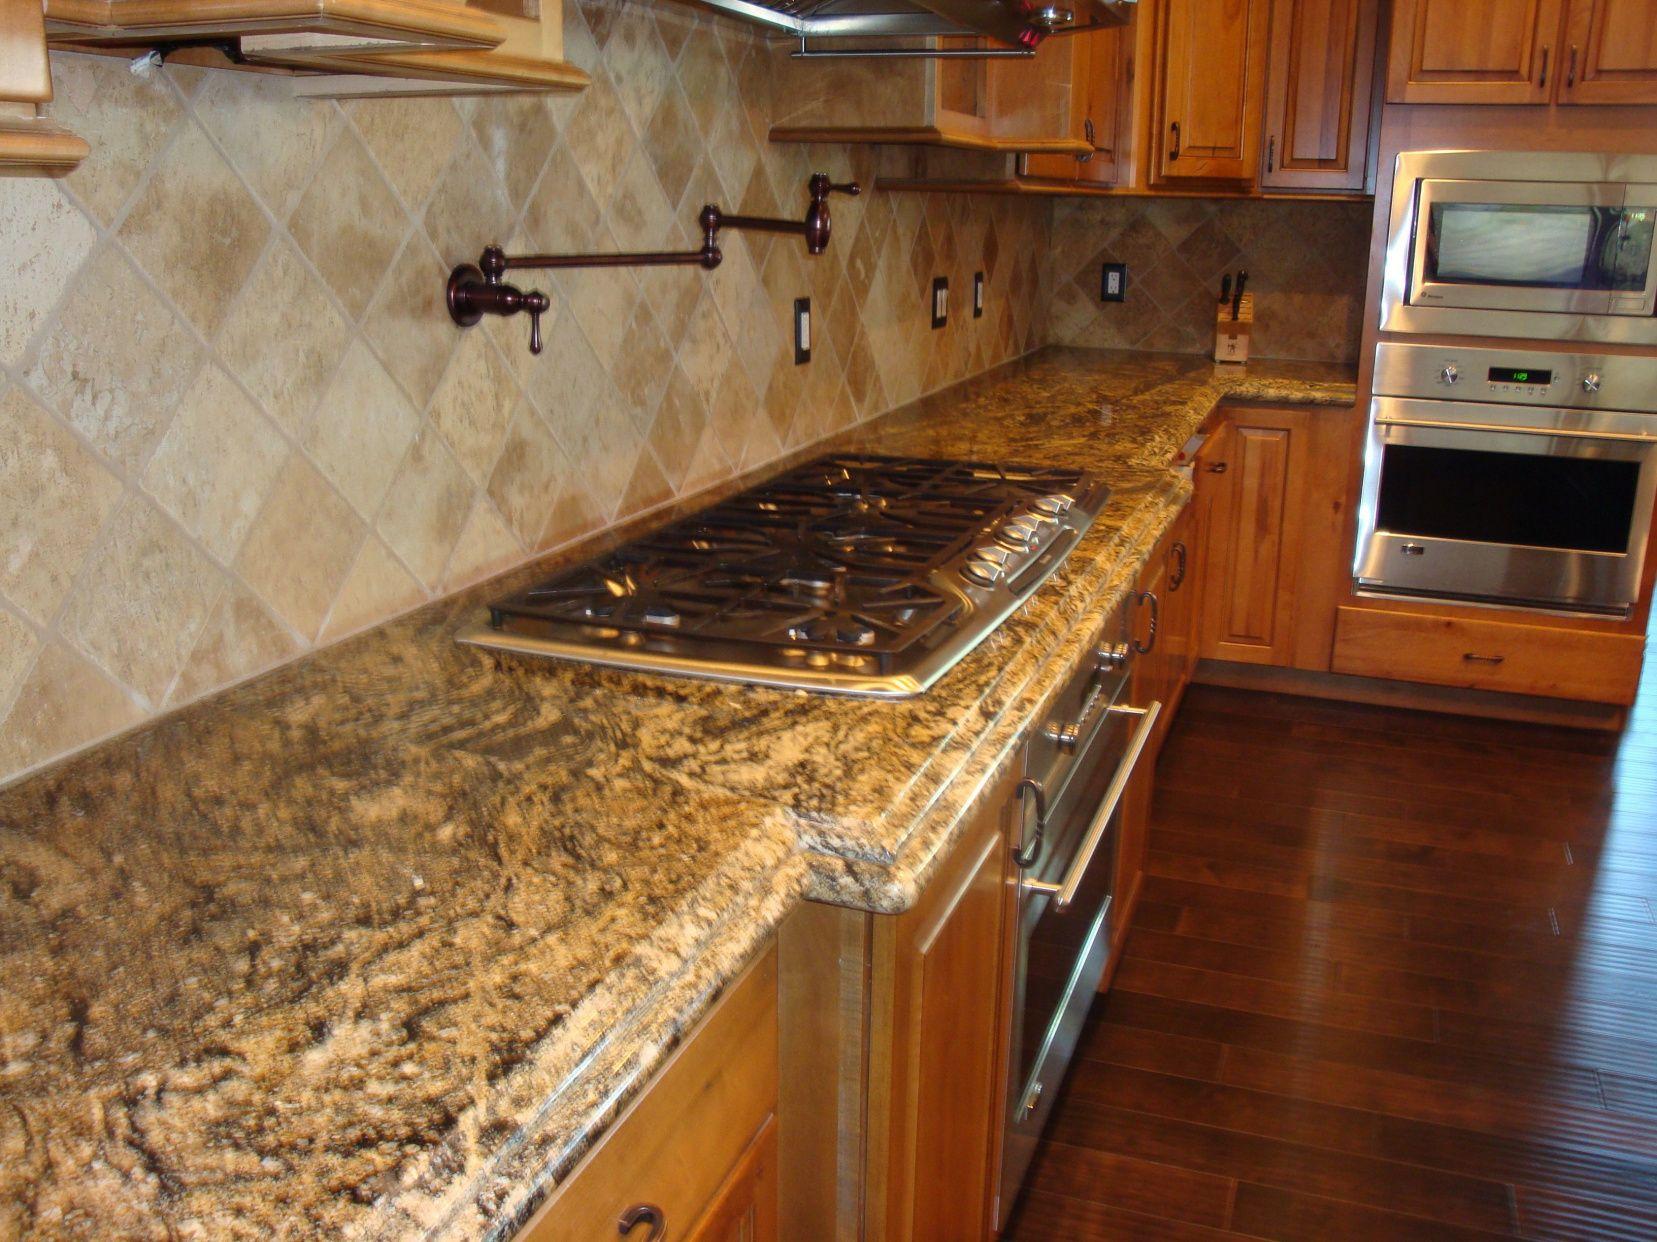 20 Granite Countertops Rockford Il Apartment Kitchen Cabinet Idea Kitchen Countertops Pictures Granite Countertop Kitchen Island Granite Countertops Kitchen